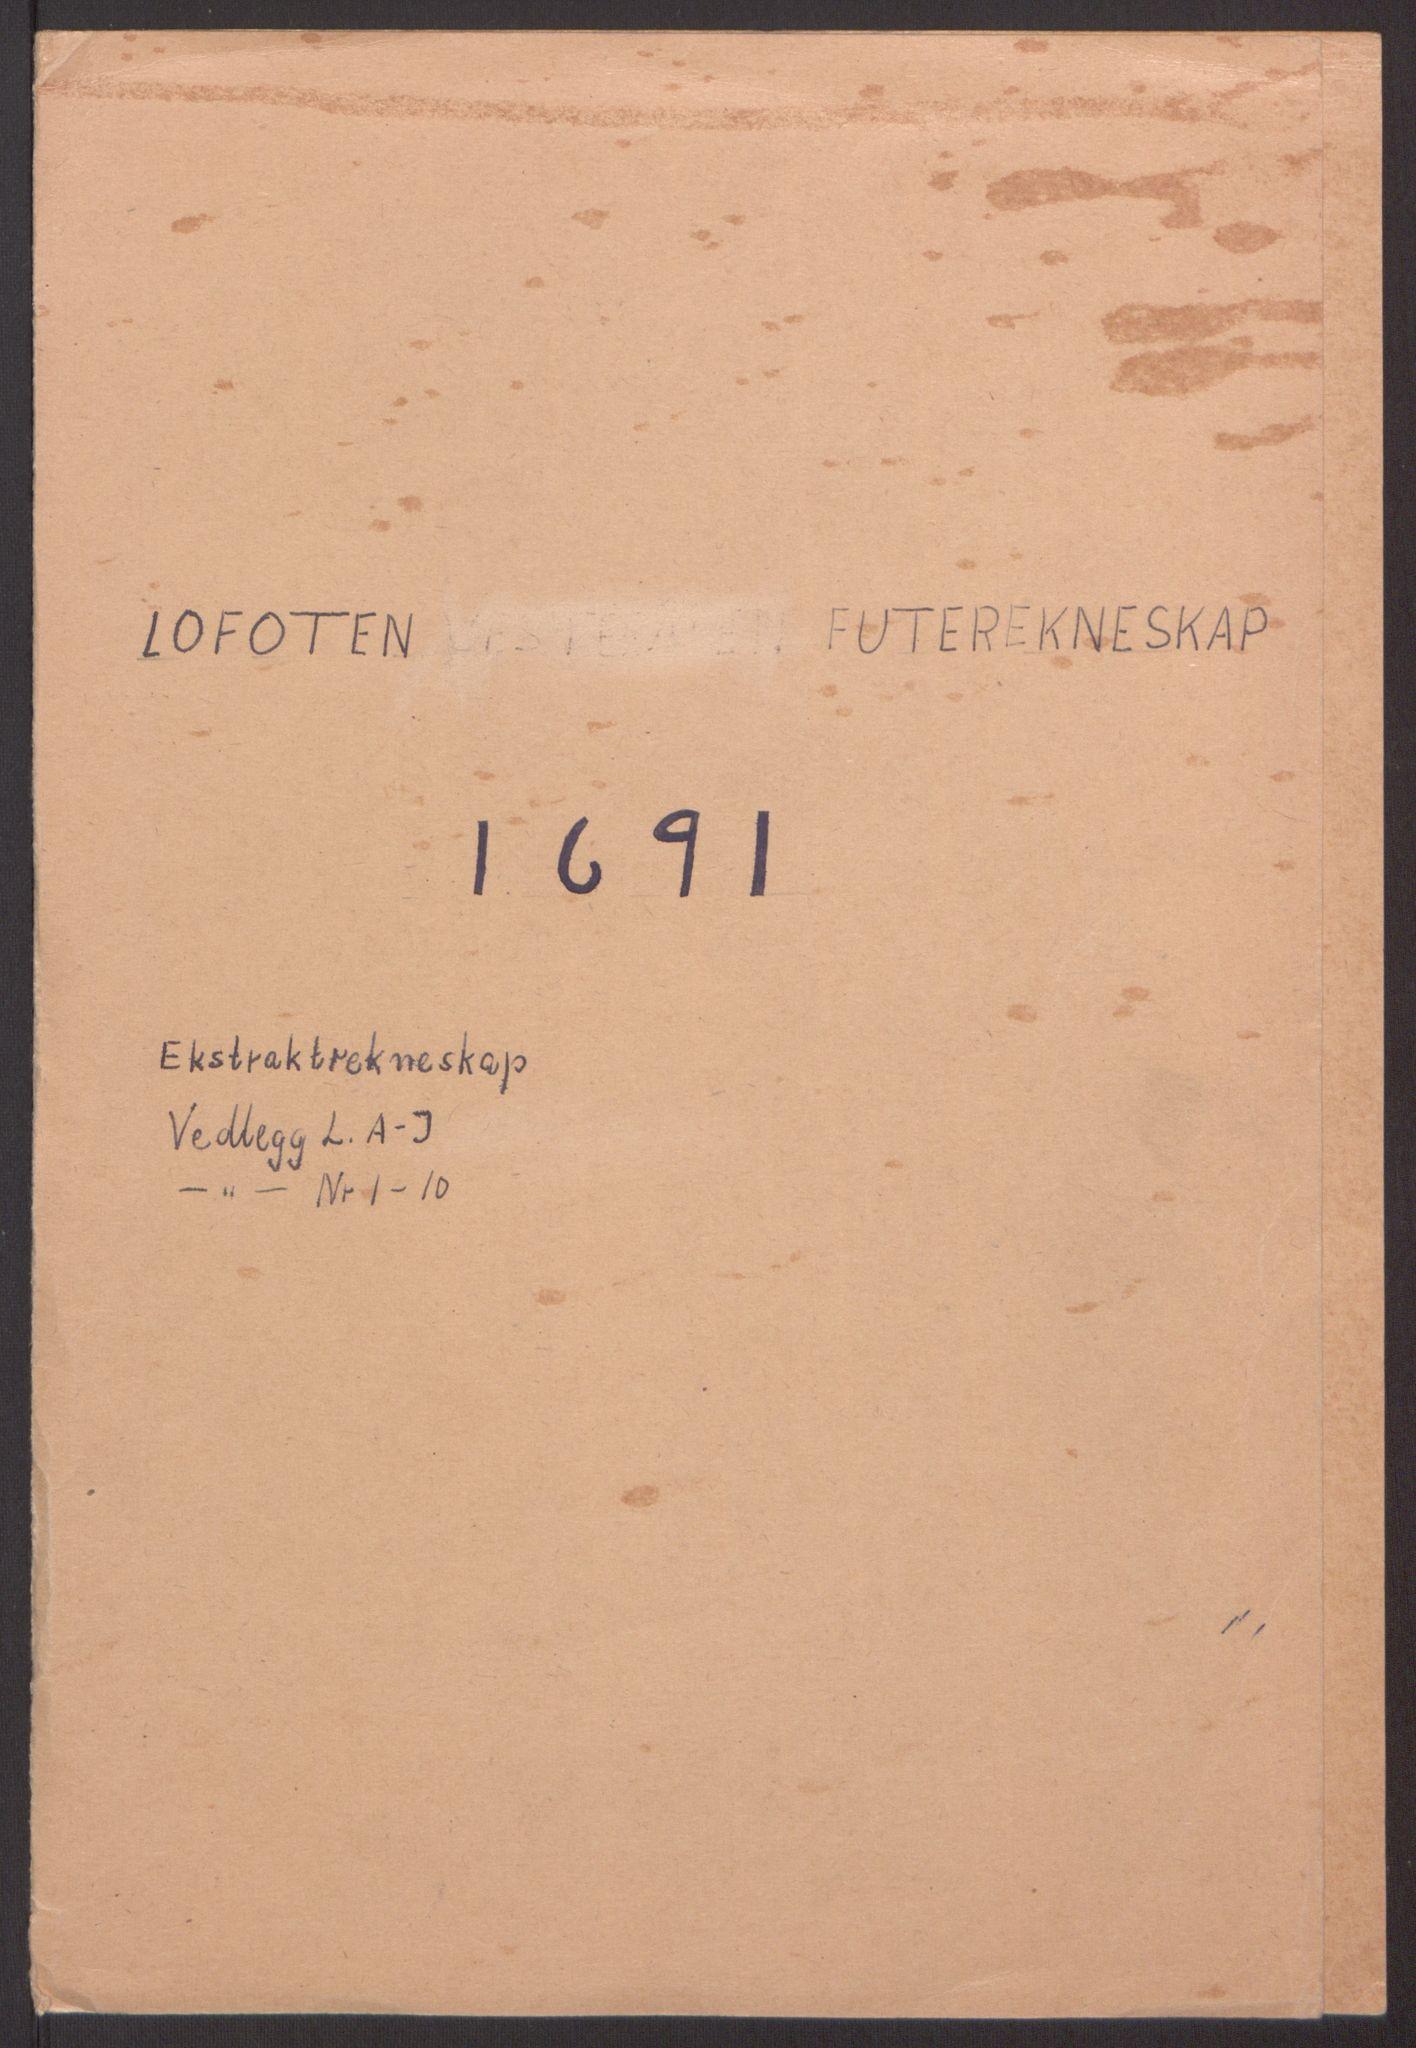 RA, Rentekammeret inntil 1814, Reviderte regnskaper, Fogderegnskap, R67/L4675: Fogderegnskap Vesterålen, Andenes og Lofoten, 1691-1693, s. 2